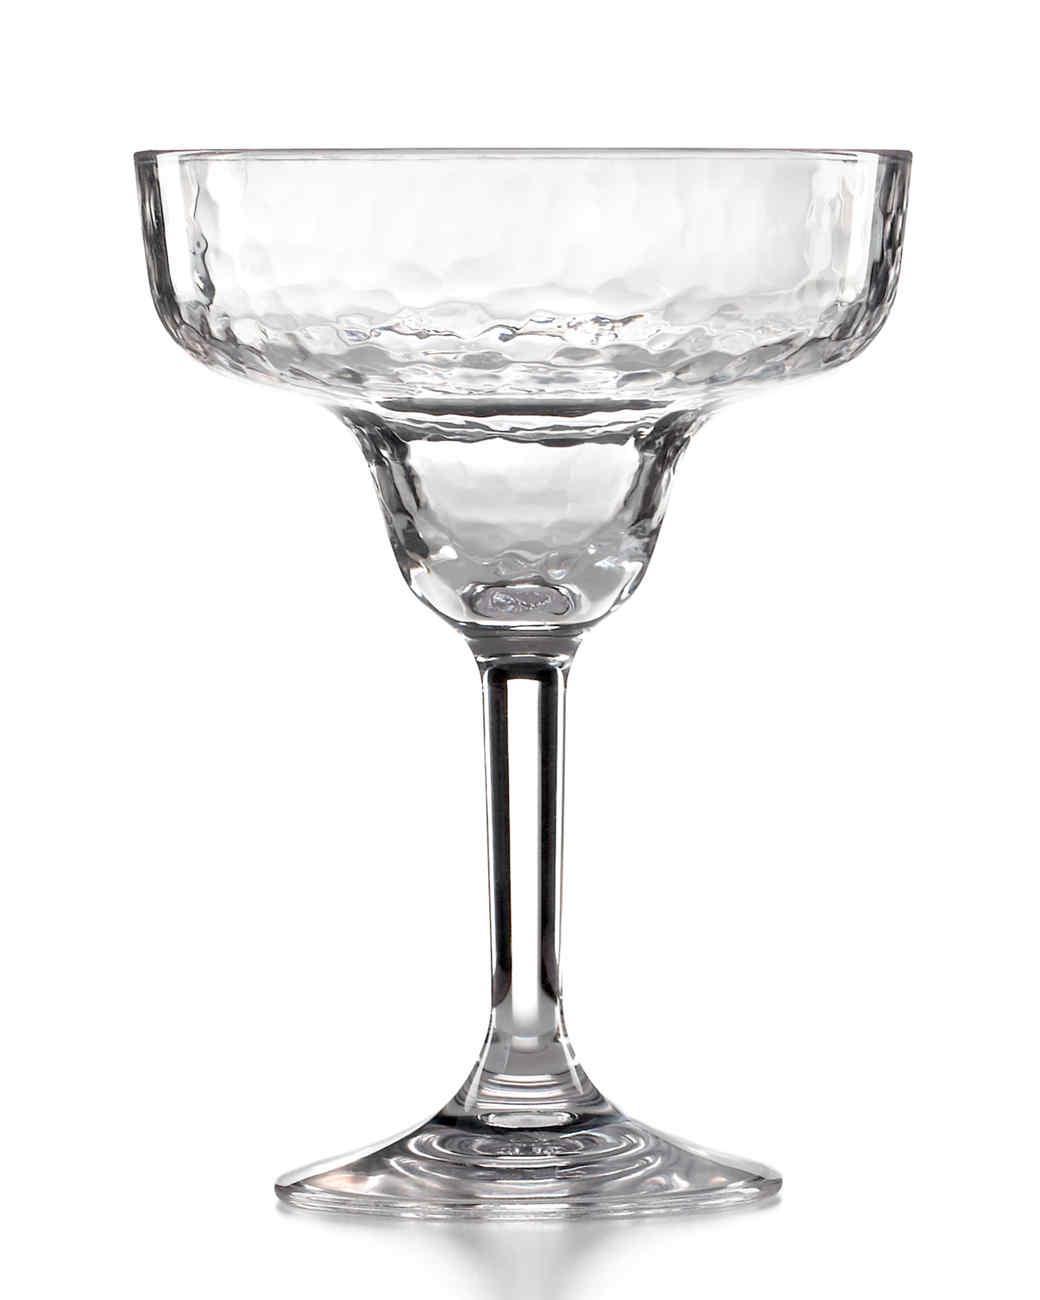 macys-glassware-margarita-mrkt-0714.jpg